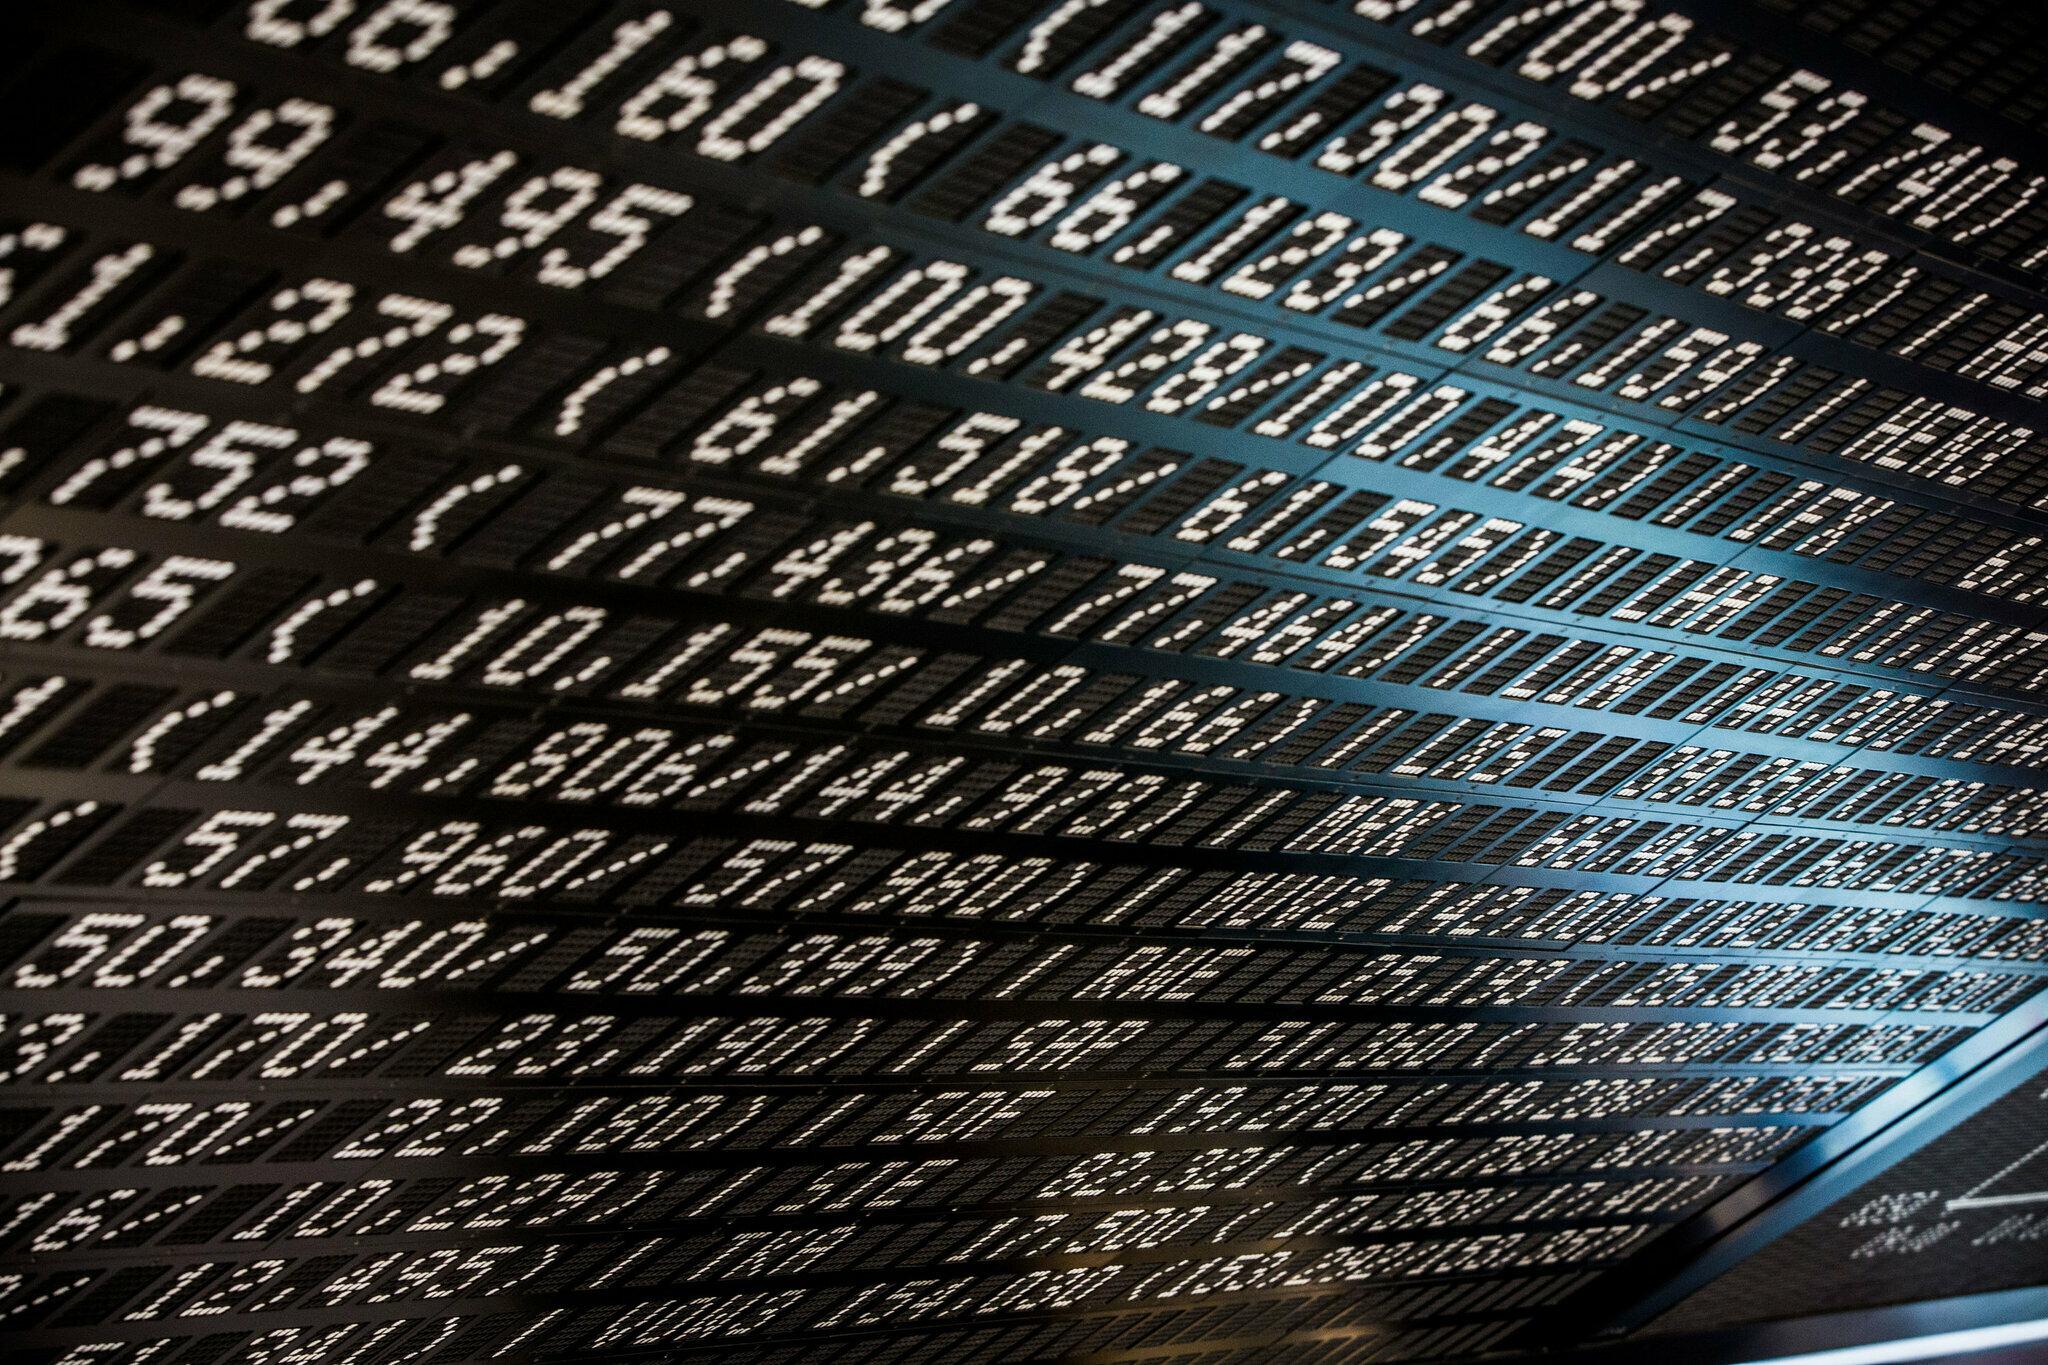 Investmentbranche: Für Vermögensverwalter brechen harte Zeiten an